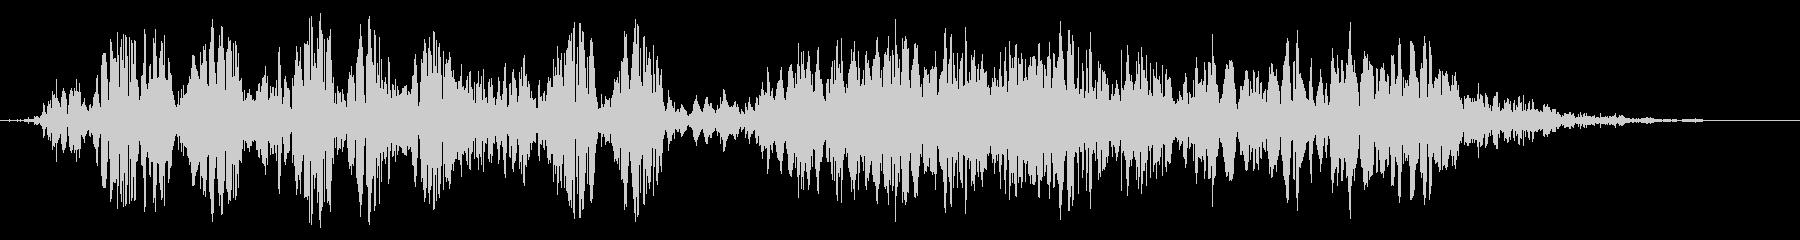 スライムなどが蠢く音タイプC#7の未再生の波形